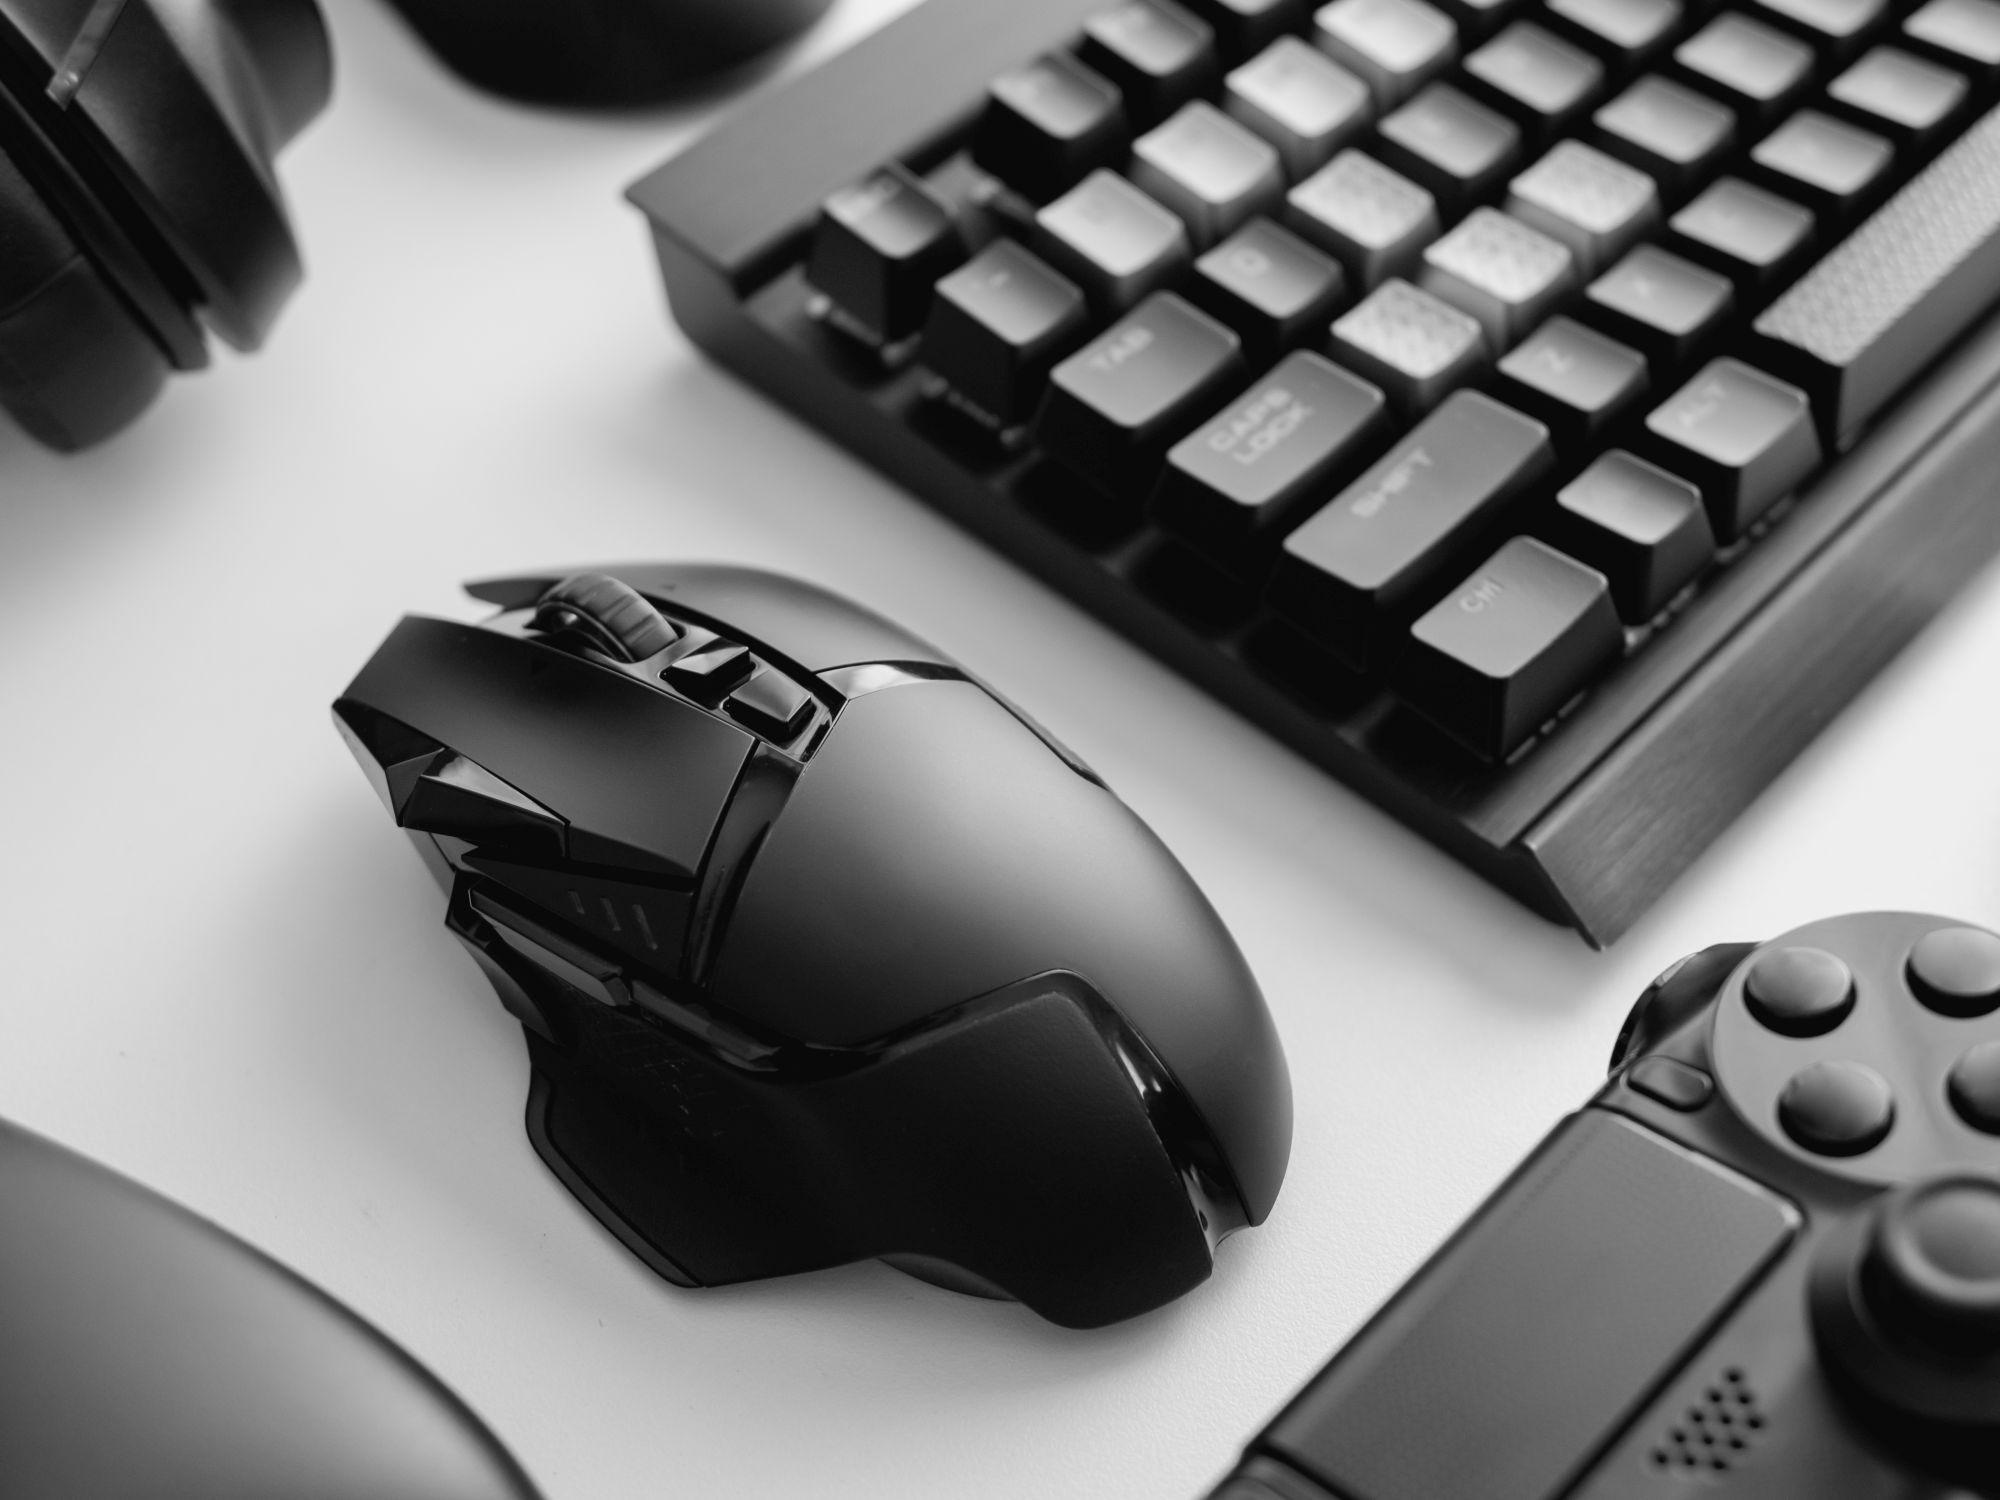 Fekete gamer egér